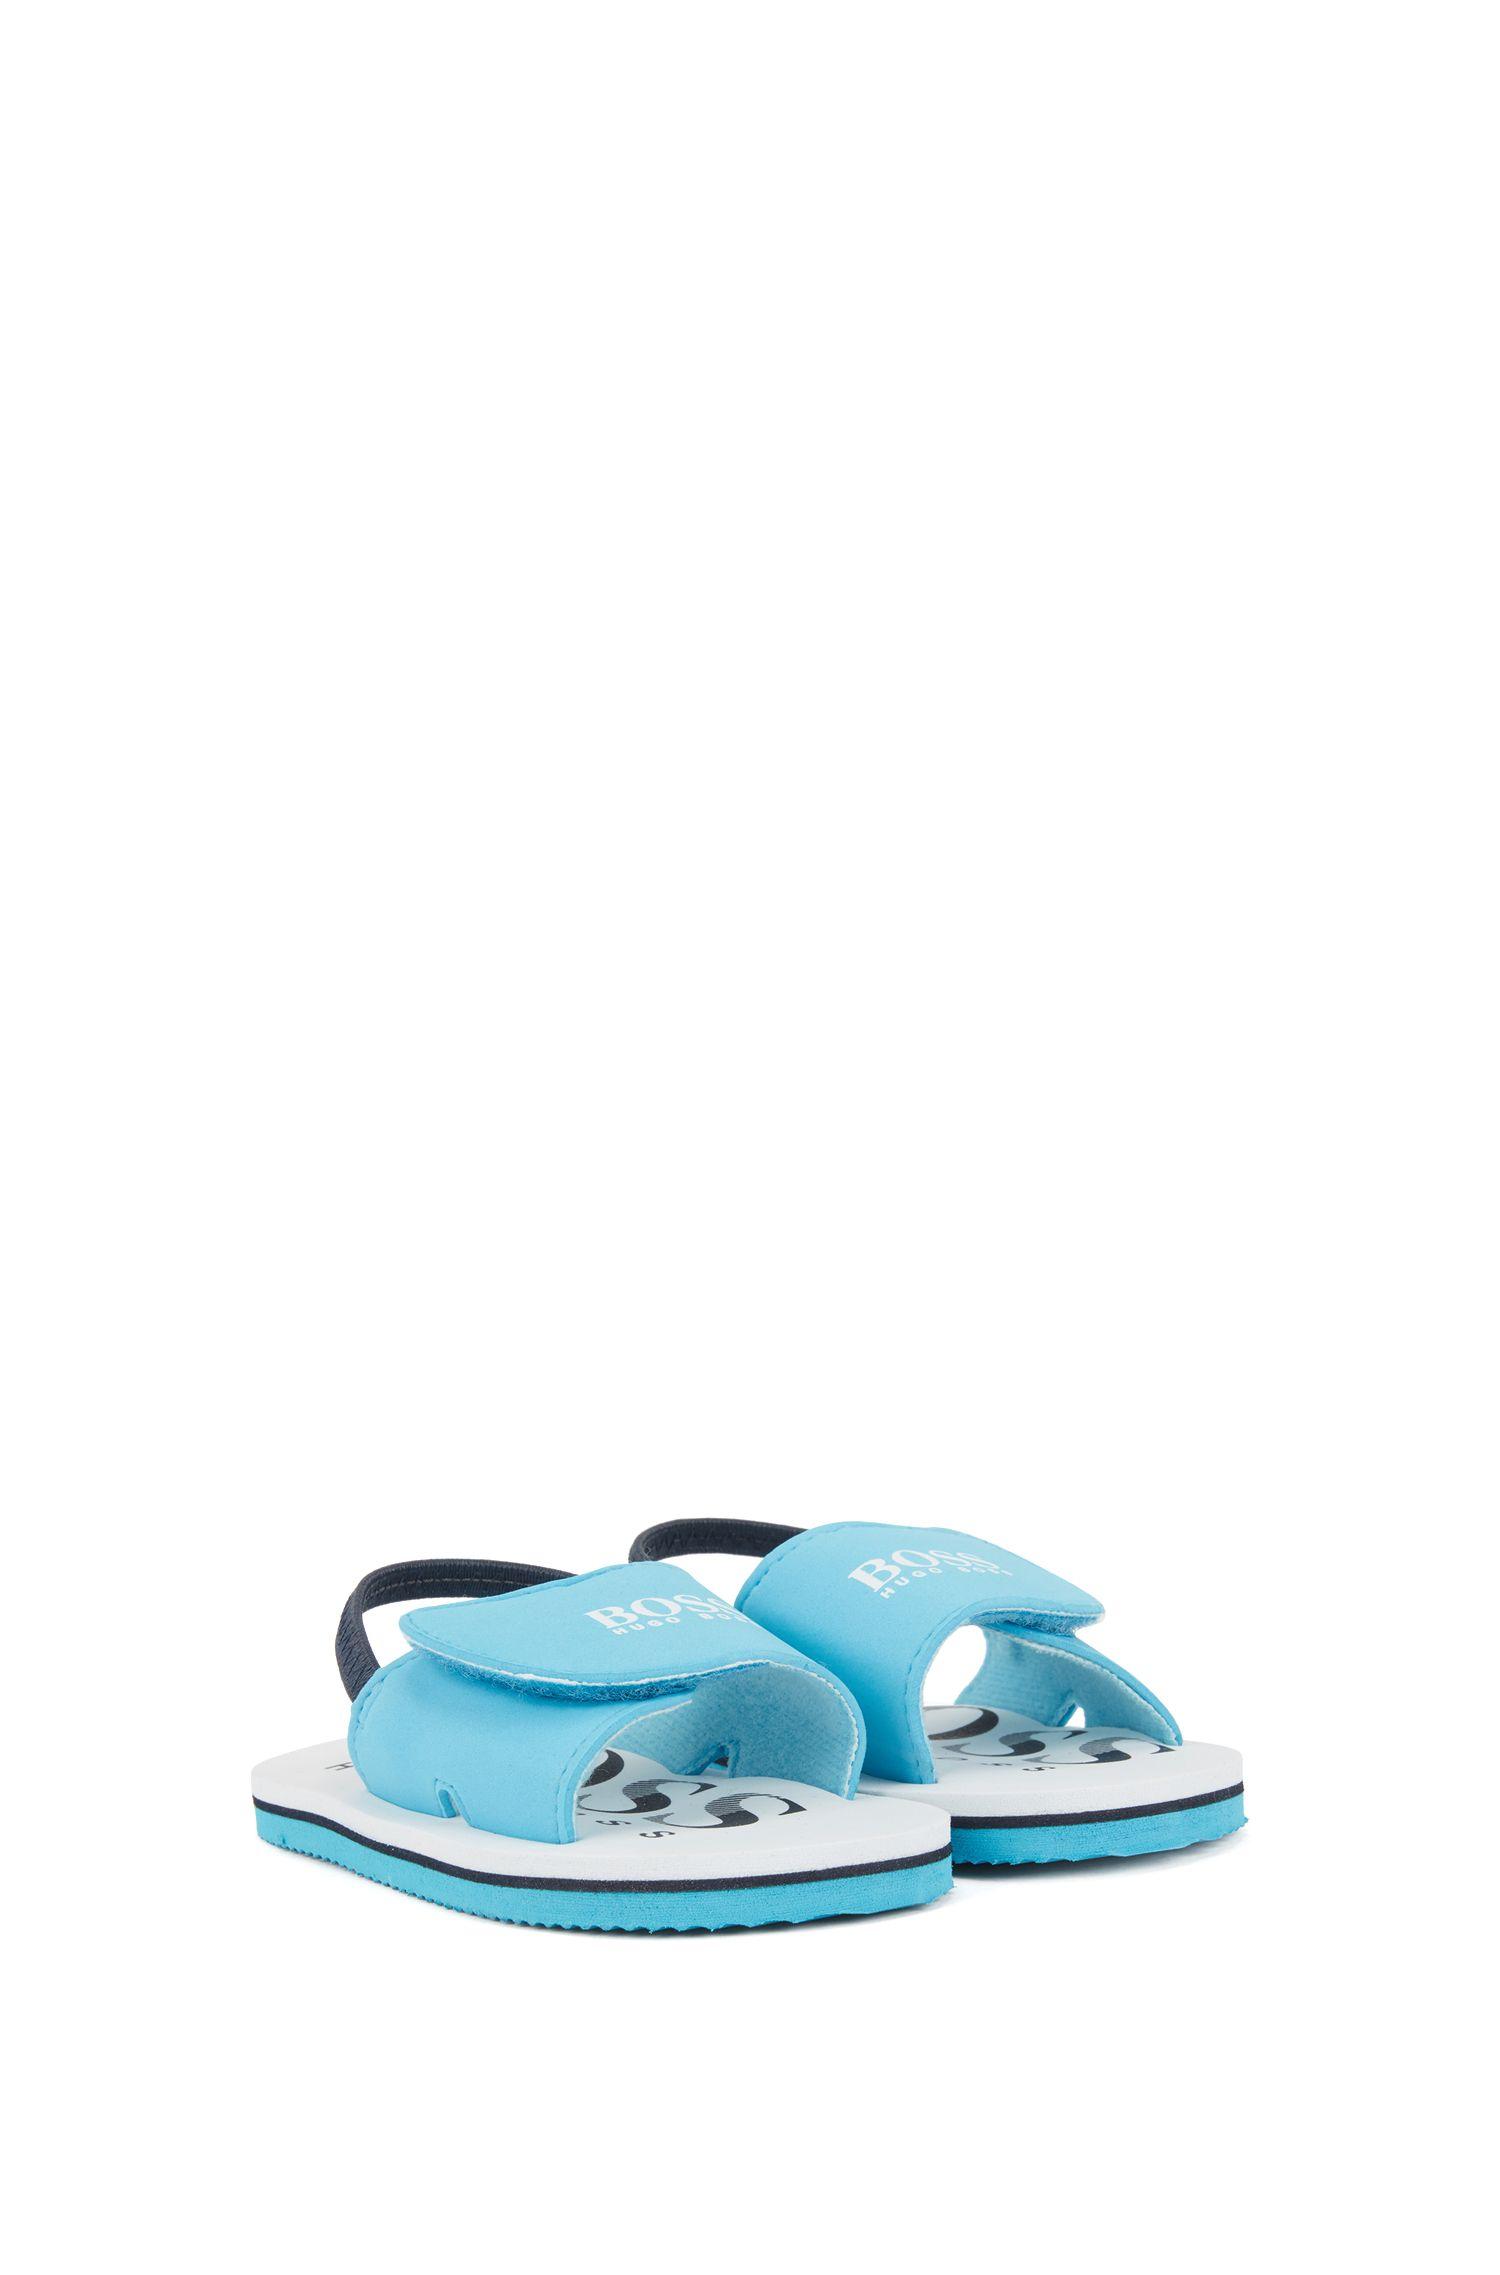 Sandali da bambino con etichetta stampata e chiusura a strappo